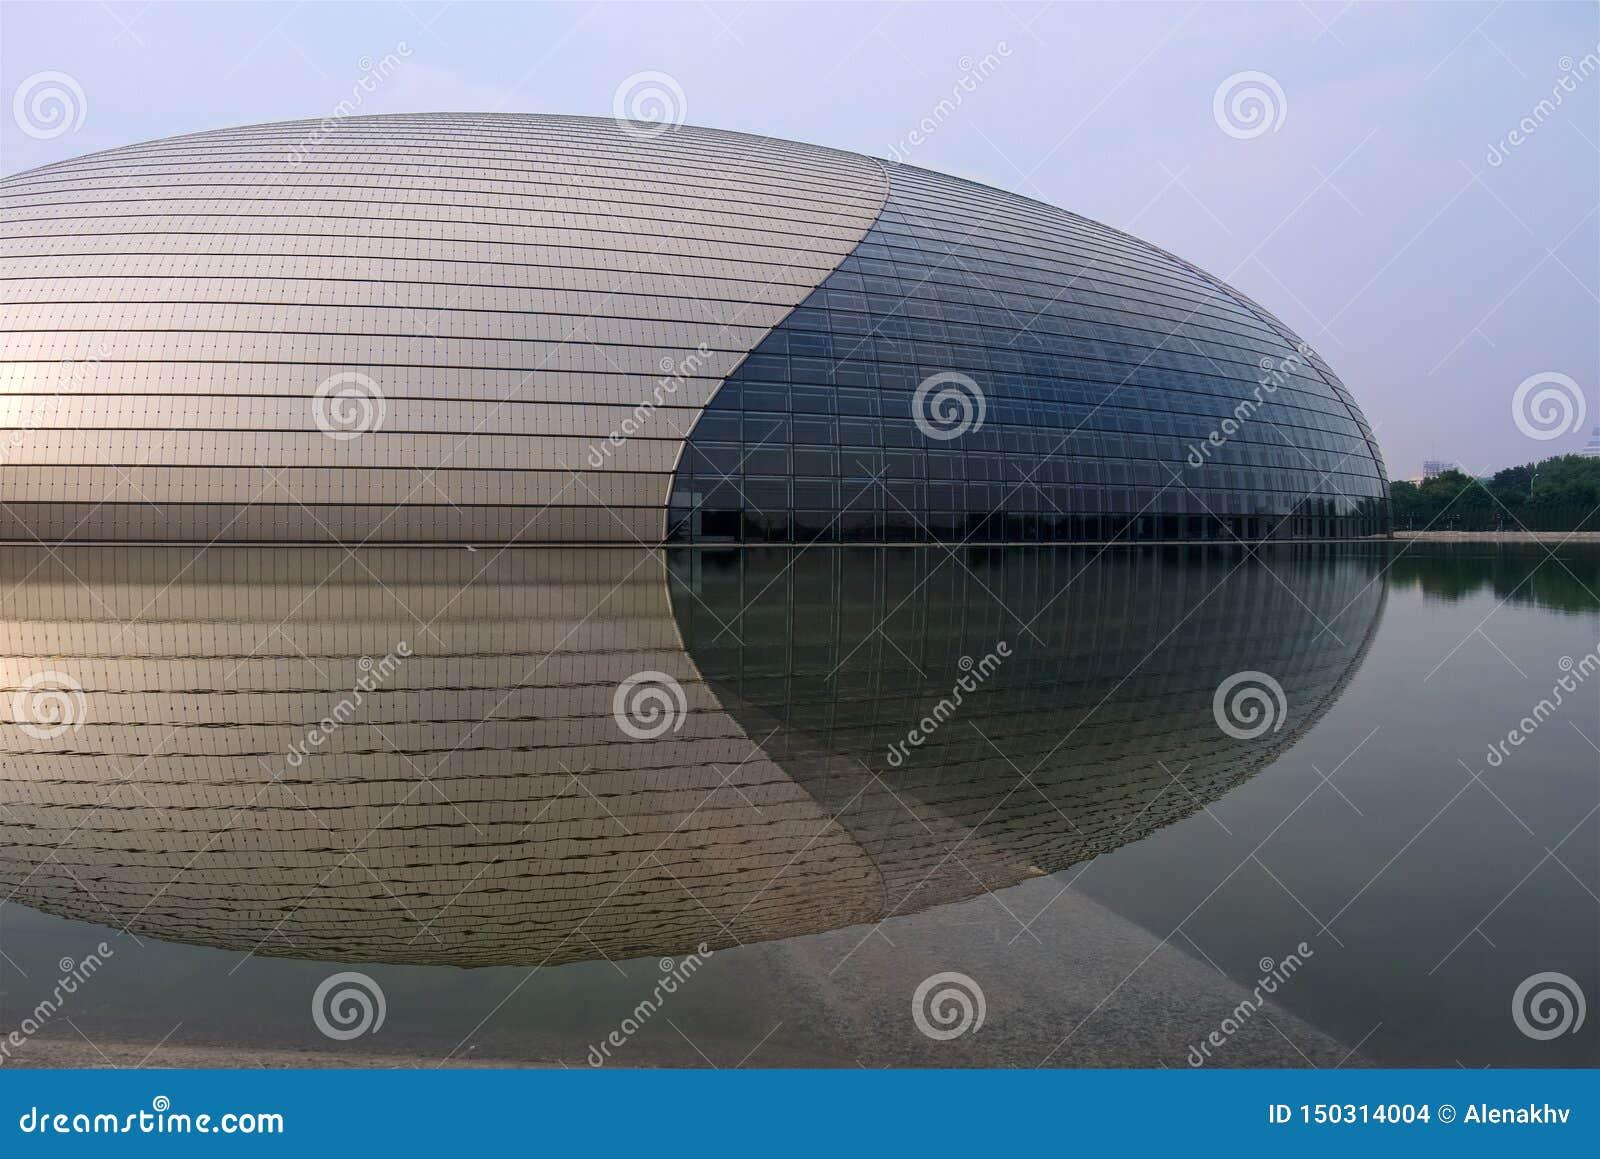 Peking, China - 17. August 2011: Pekings berühmtes Architekturgebäude und Markstein nationale Mitte für die Künste